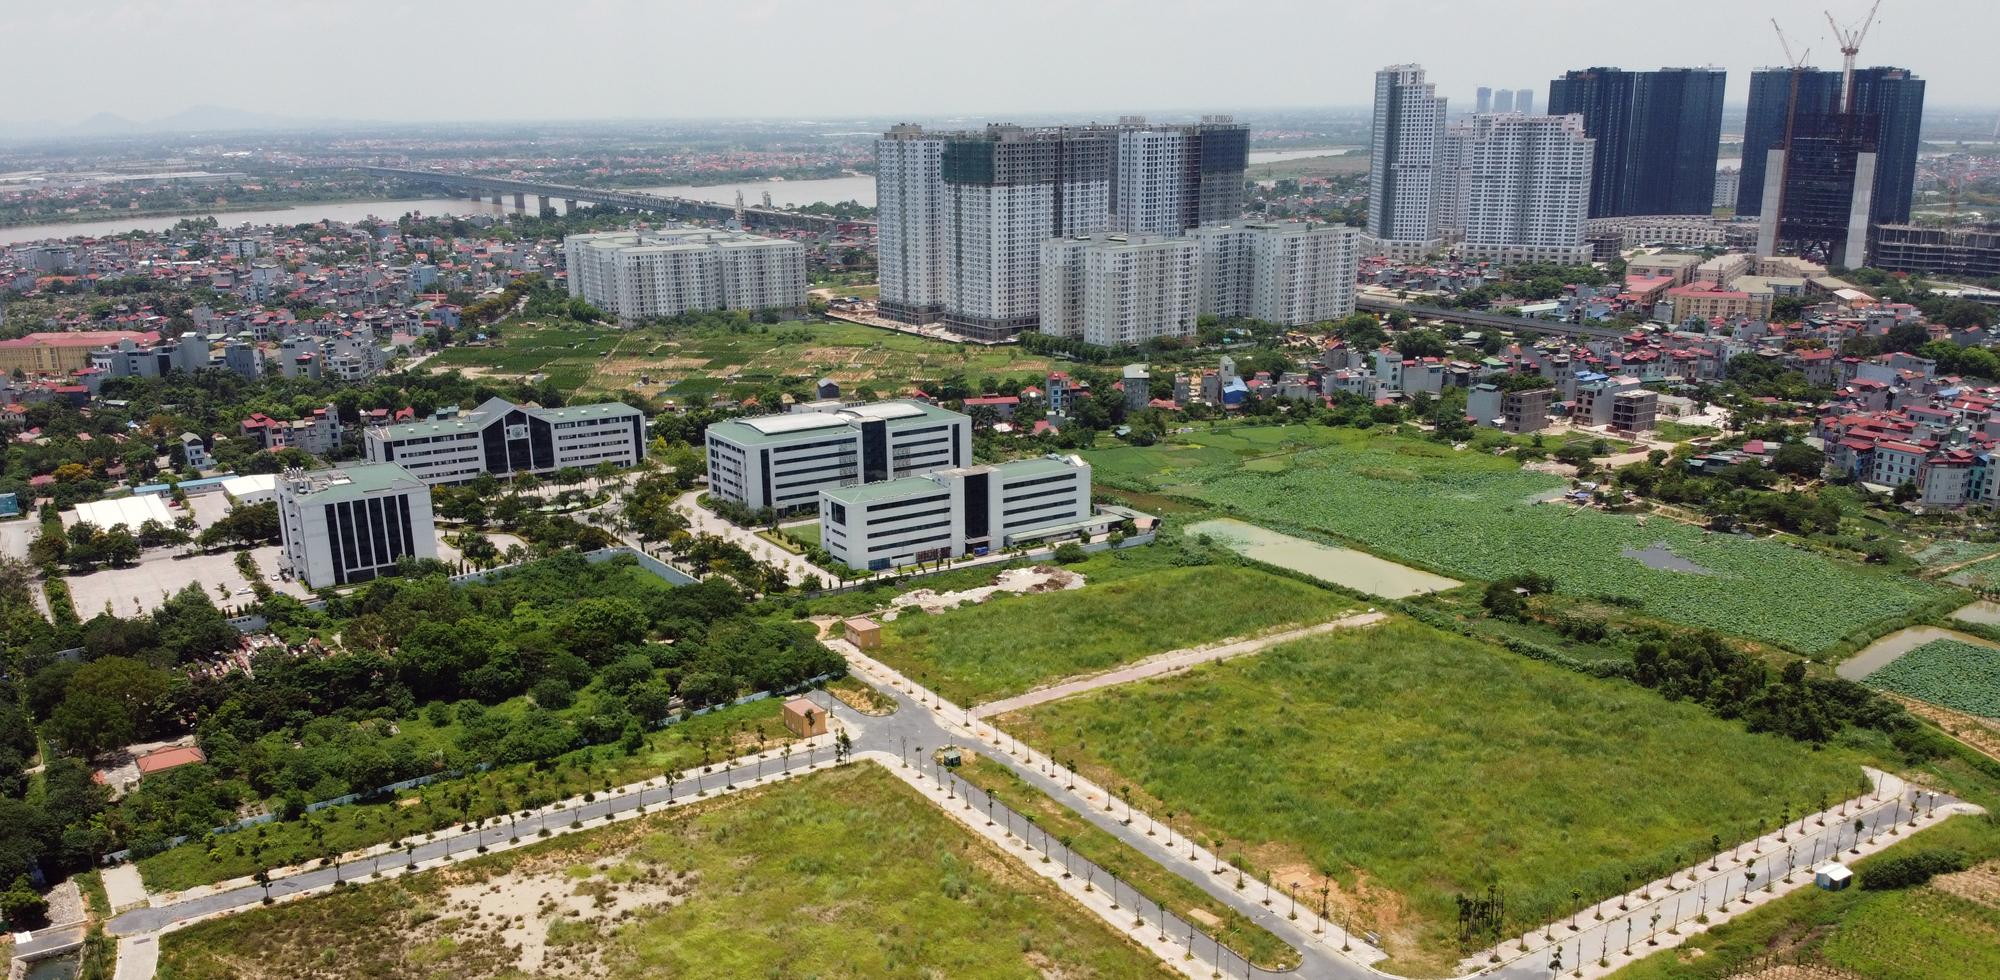 Những dự án chung cư gần các khu đất sẽ đào hồ lớn ở quận Bắc Từ Liêm - Ảnh 6.